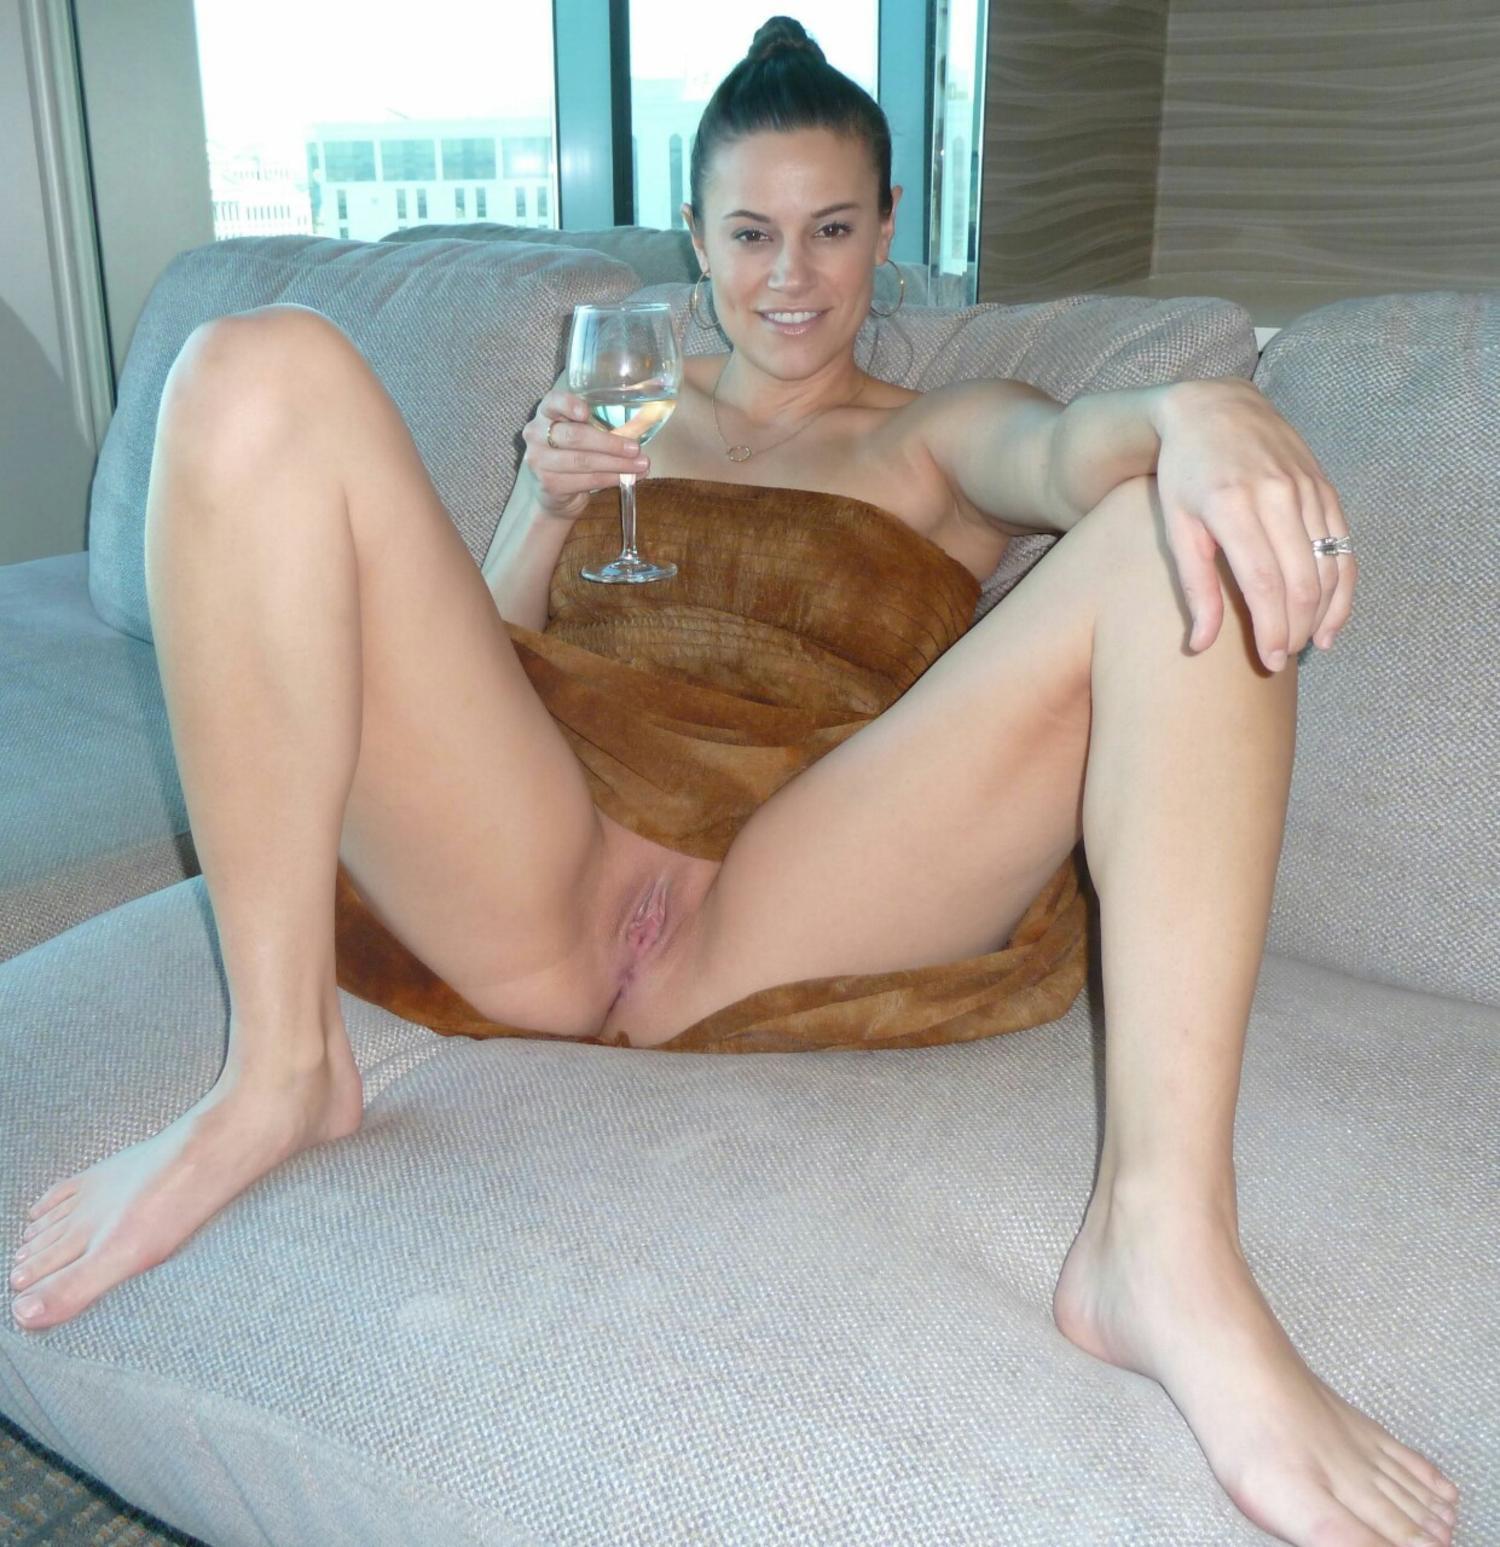 Big juicy booty getting fucked